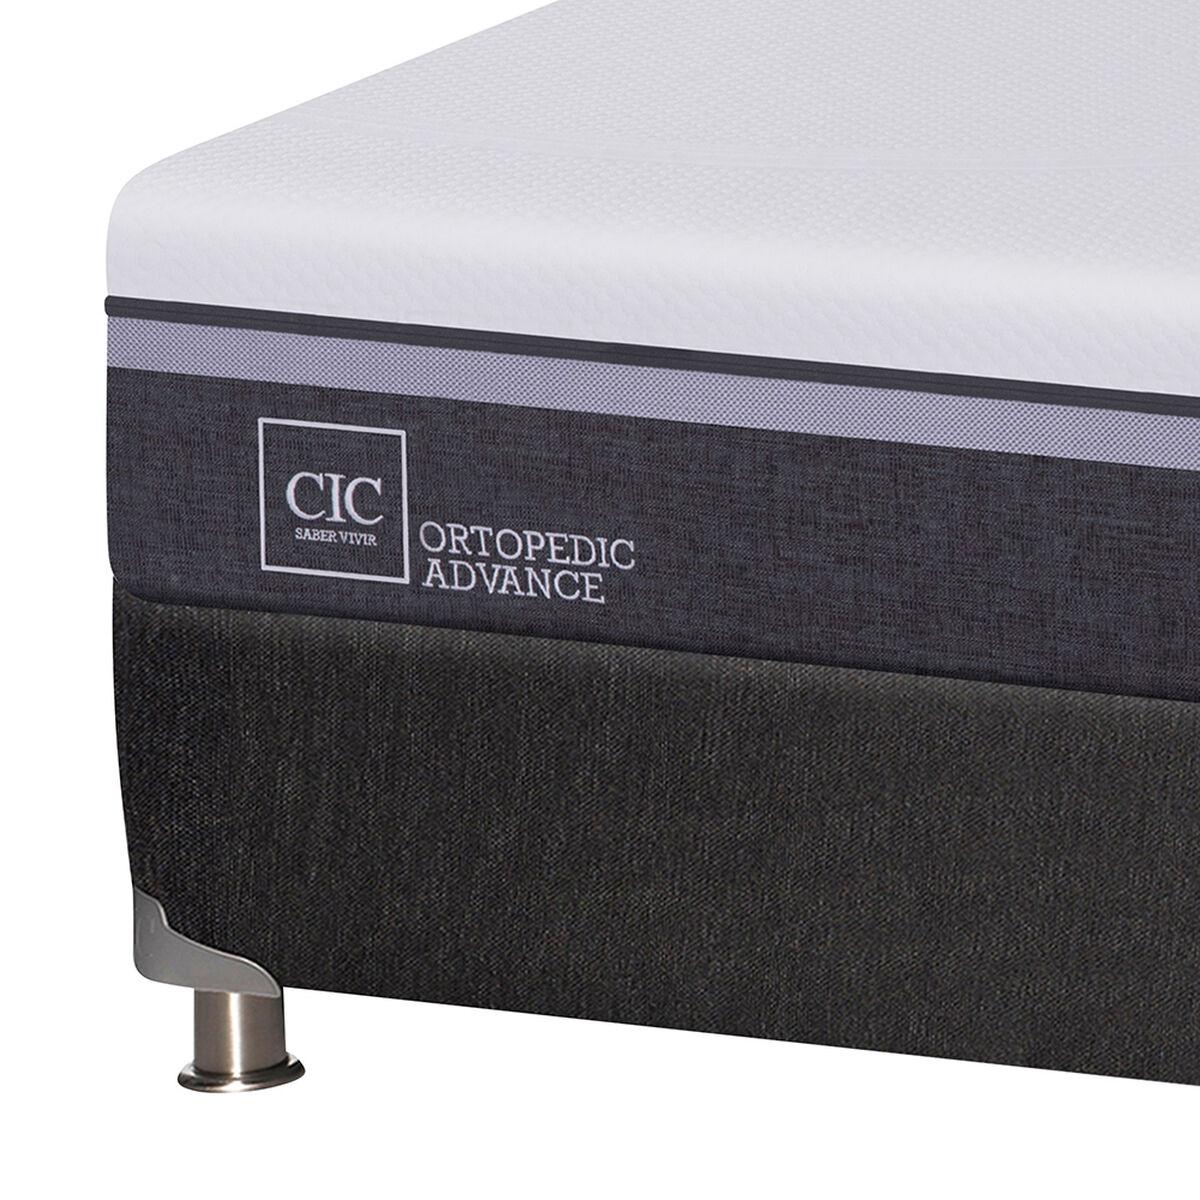 Box Spring CIC 1,5 Plazas Ortopedic Advance + Respaldo + Velador New Dublin